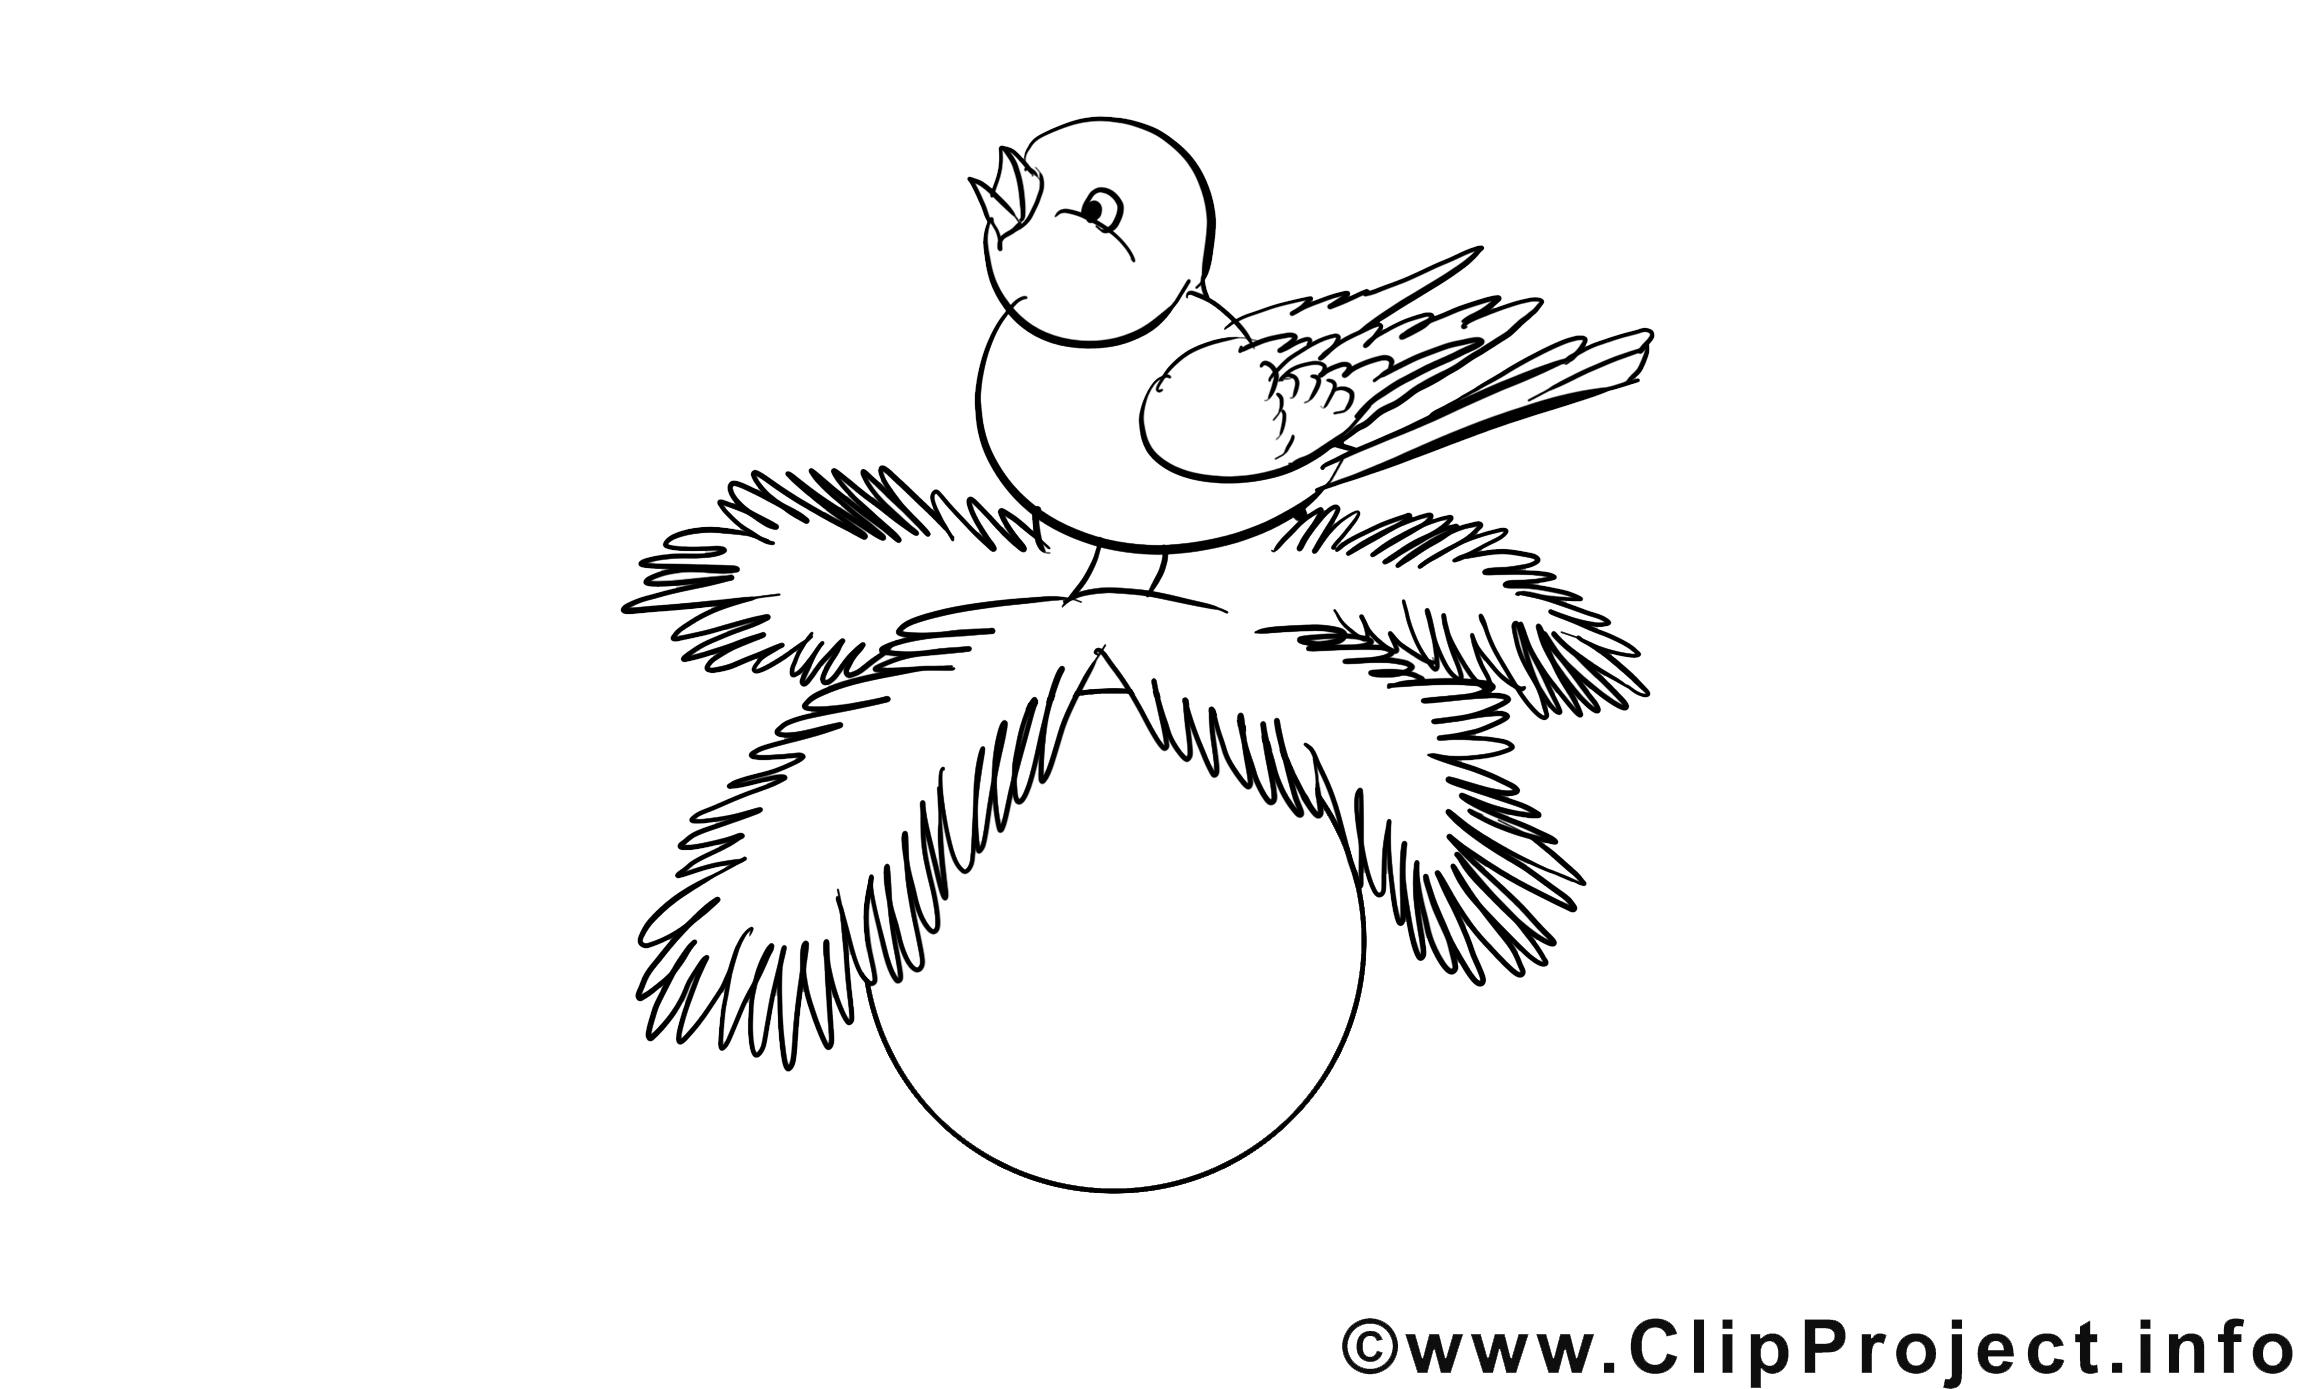 Oiseau image gratuite – Avent à colorier